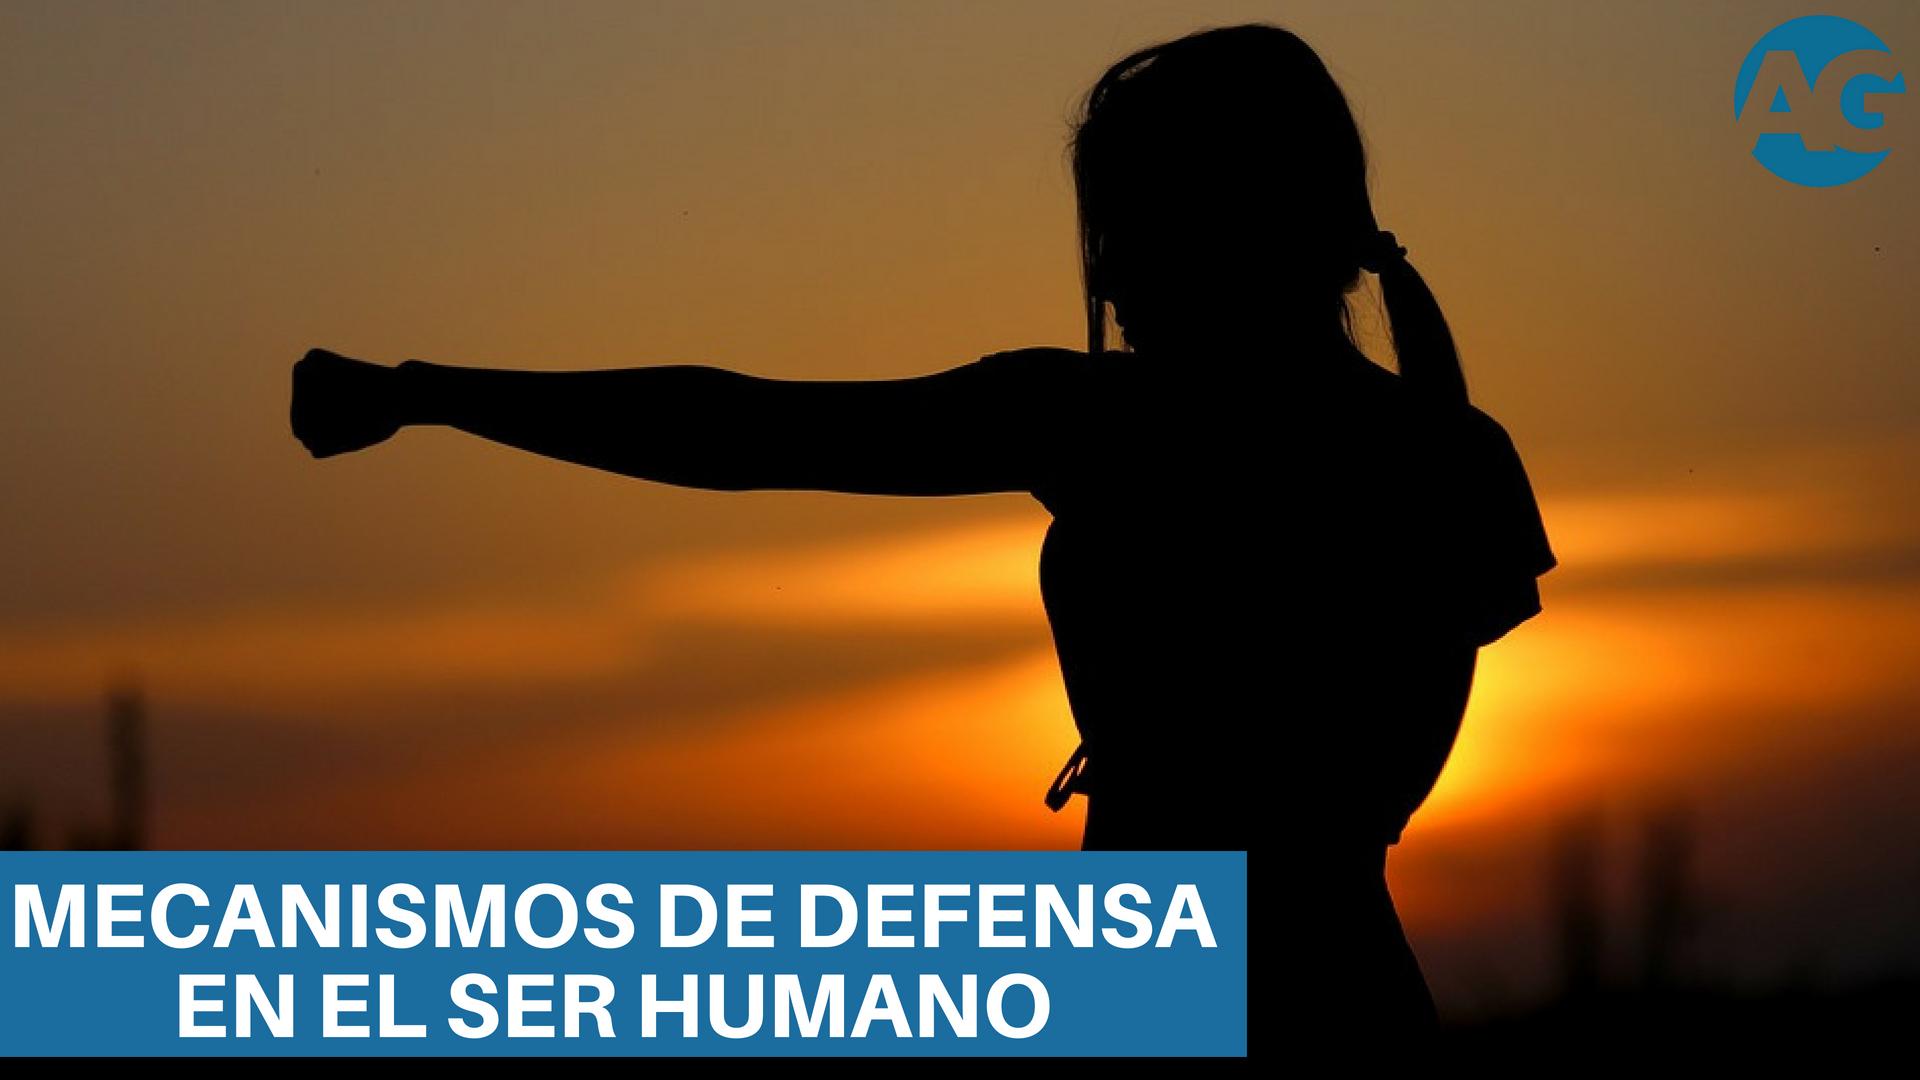 ¿Cuáles son los mecanismos de defensa que tiene el ser humano?